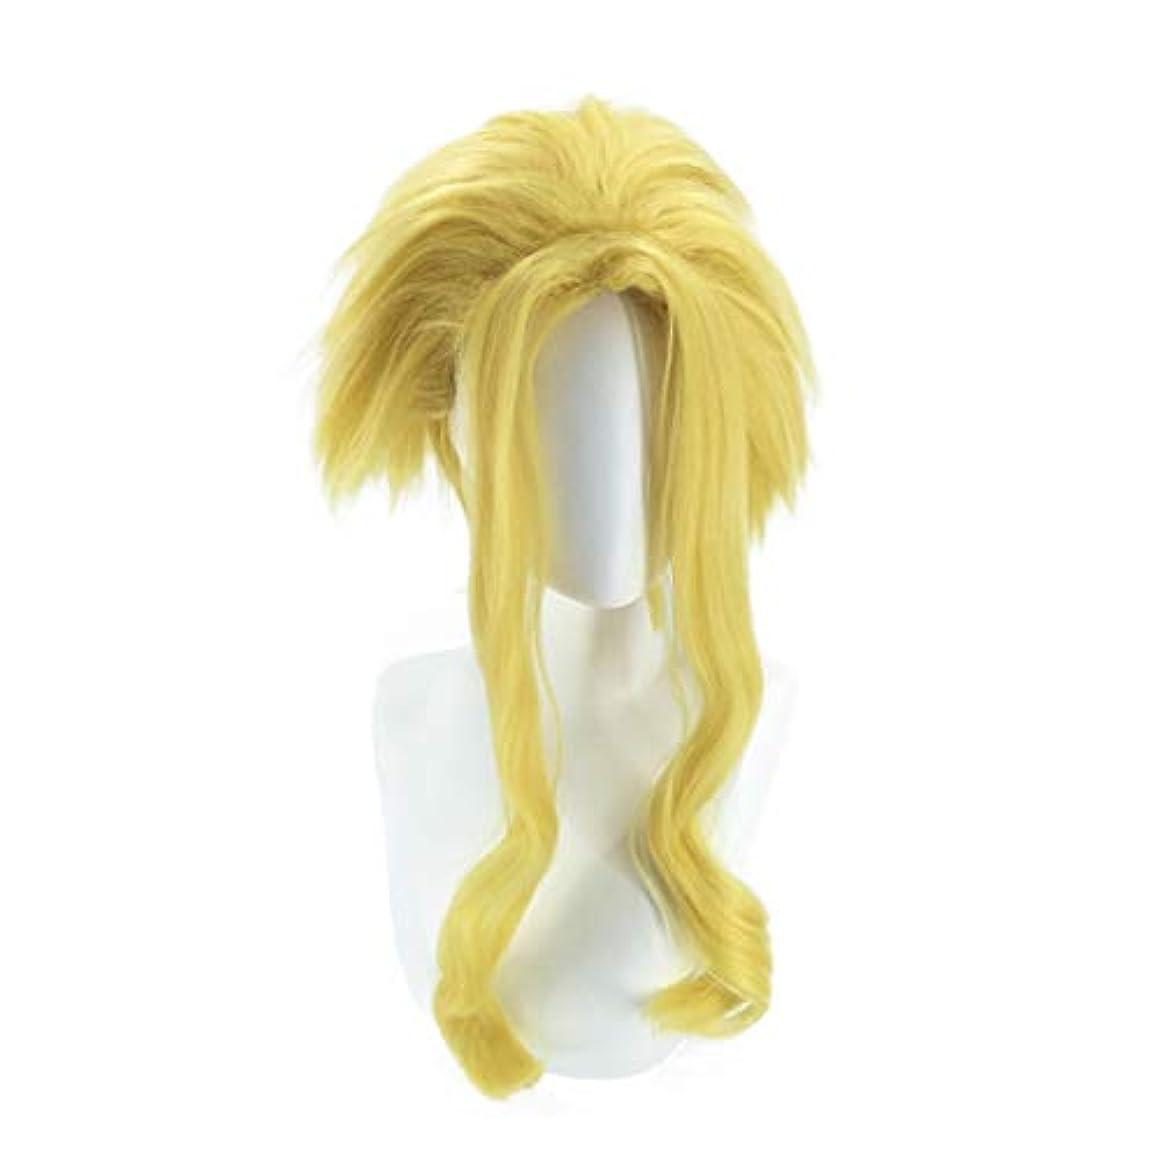 モールス信号パイント豊かなKoloeplf コスプレウィッグロングストレート人工毛フルウィッグナチュラルルッキング耐熱ウィッグ (Color : Gold)